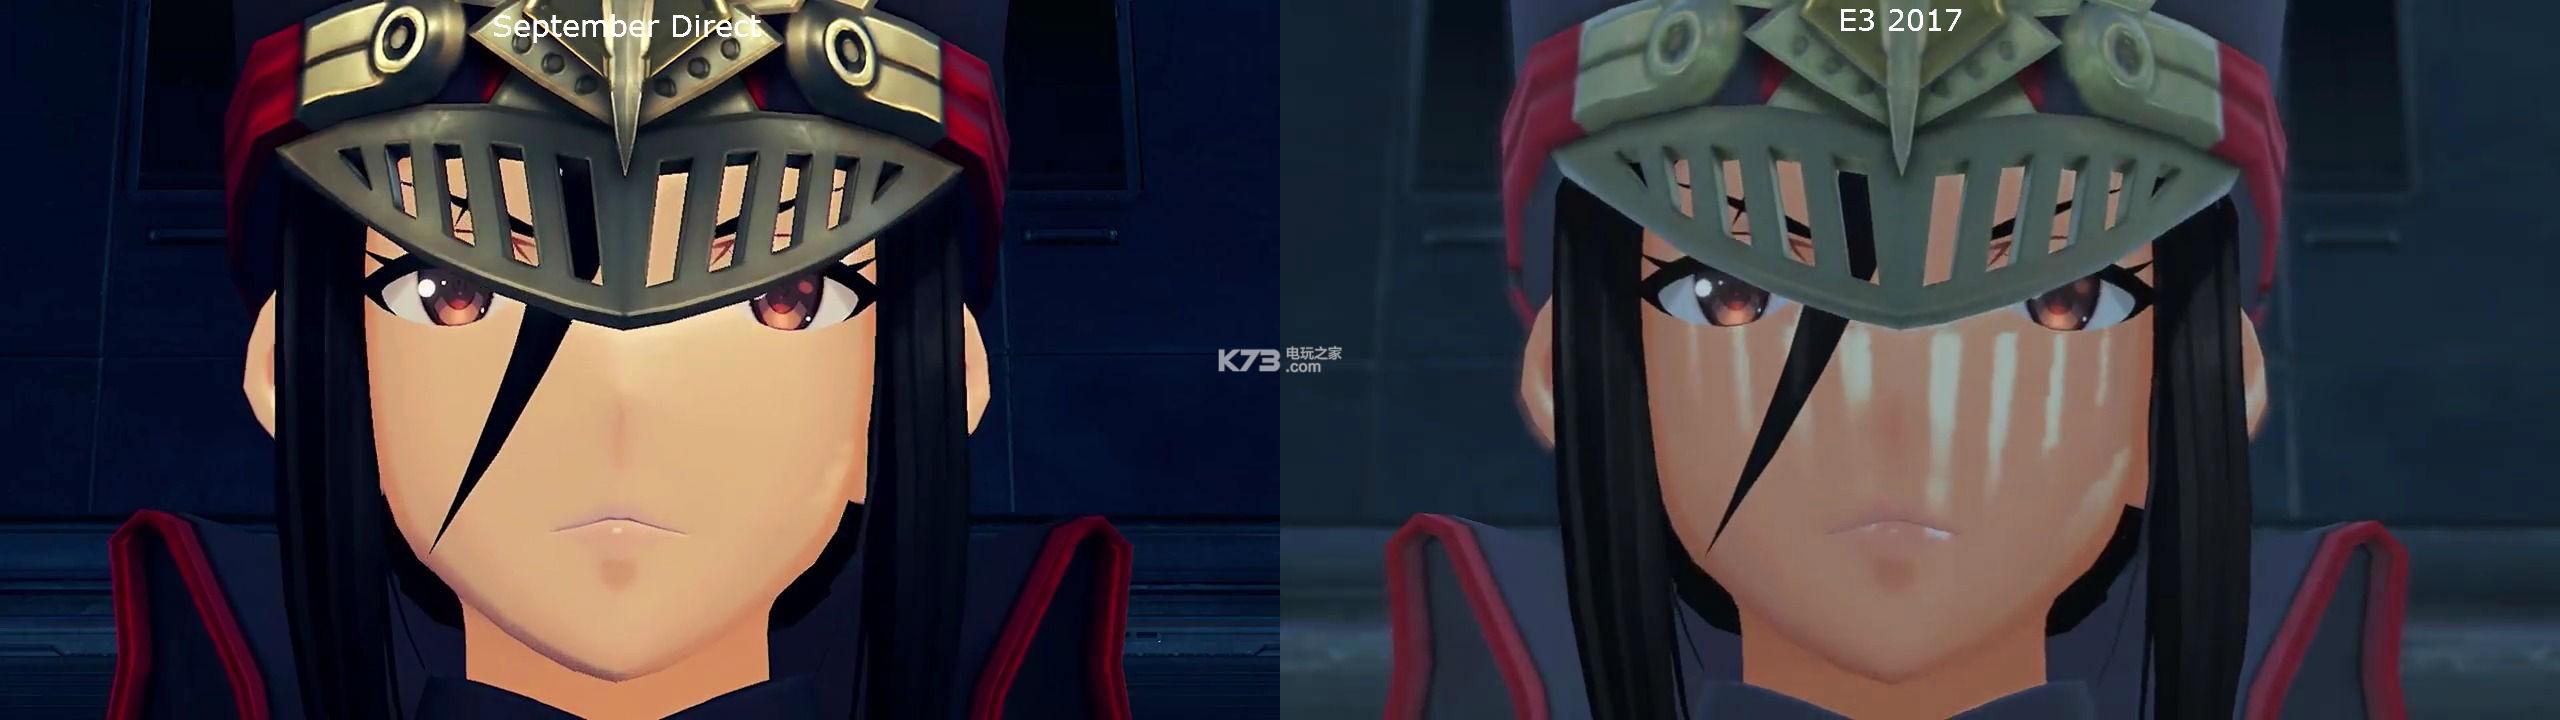 《异度之刃2》画面正在被官方逐步优化中